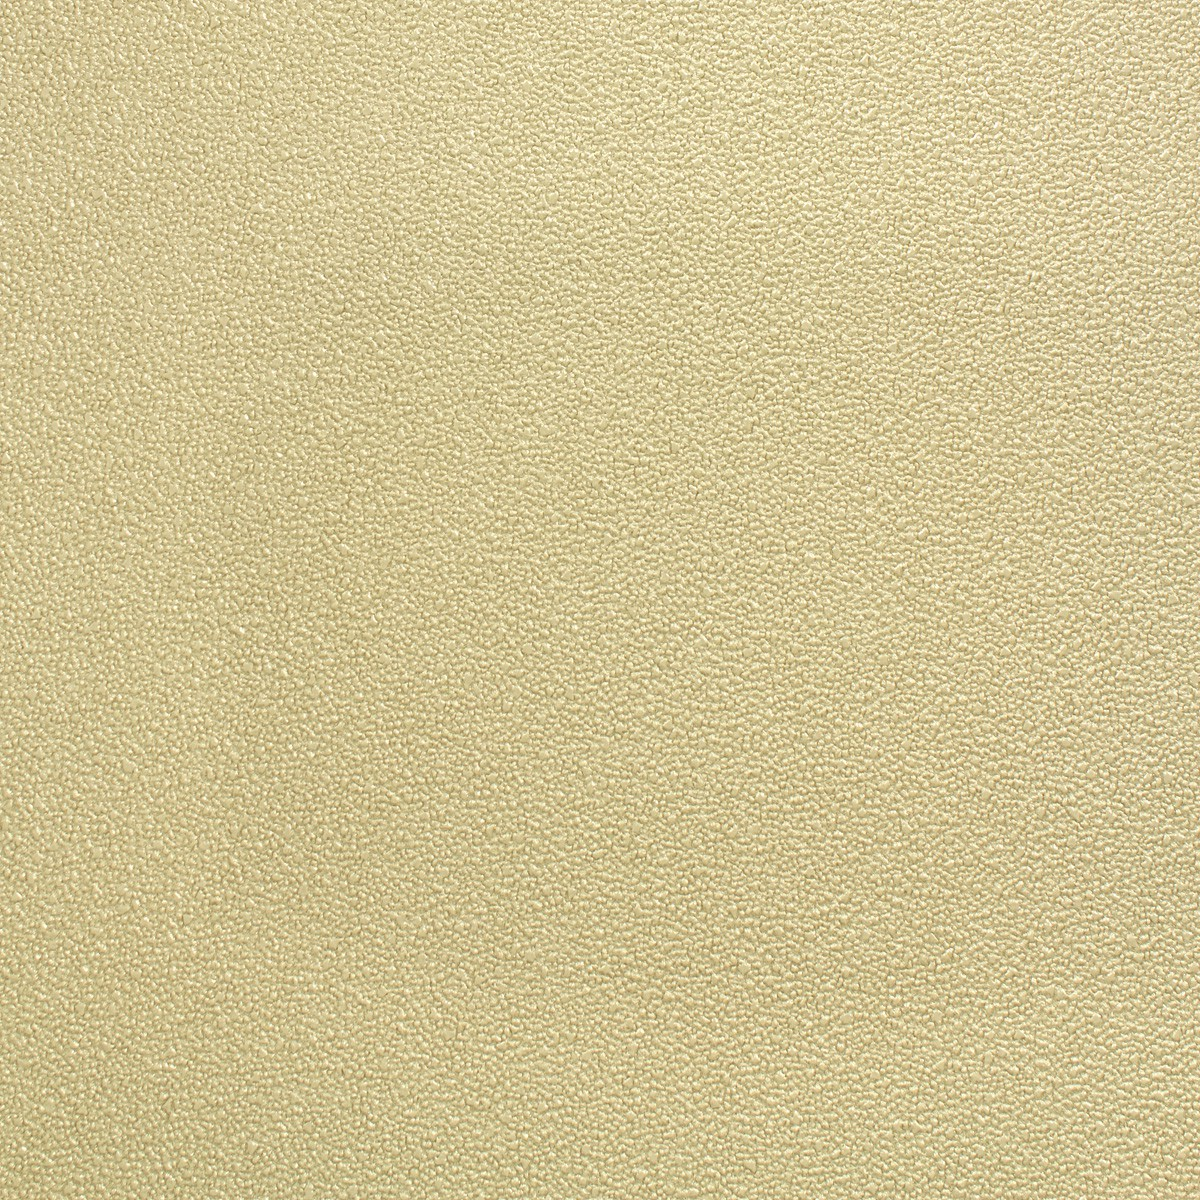 harald gl ckler tapeten creme beige uni struktur 52568 design. Black Bedroom Furniture Sets. Home Design Ideas